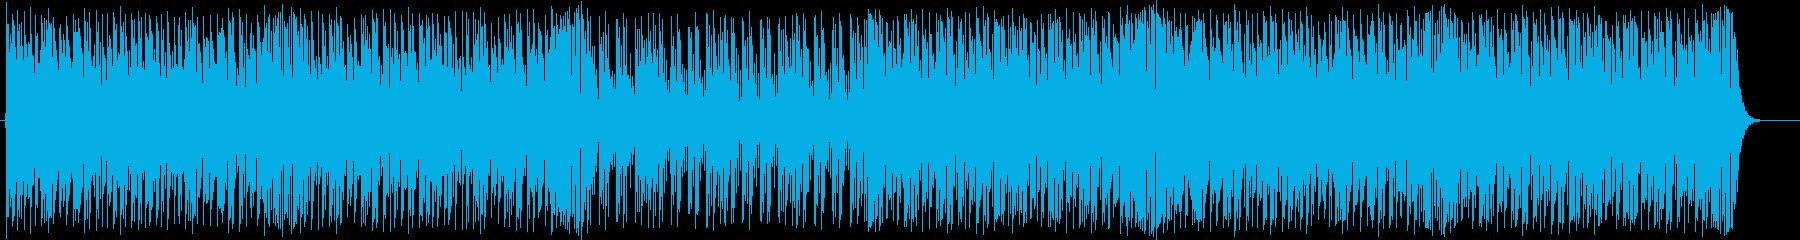 和風◆荒々しい太鼓の和な打楽器インストの再生済みの波形